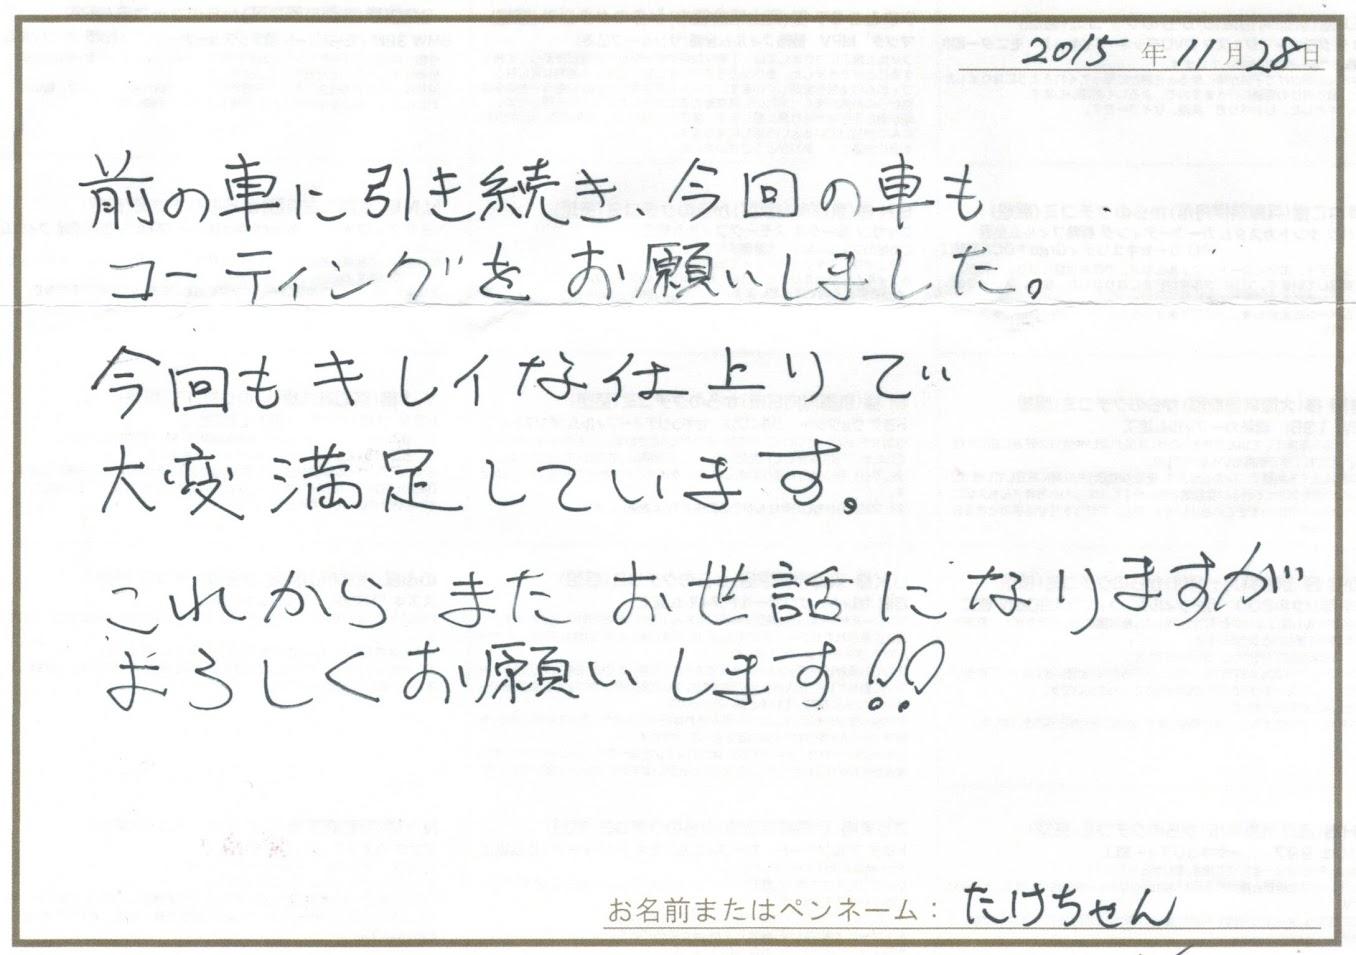 ビーパックスへのクチコミ/お客様の声:たけちゃん 様(京都市西京区)/トヨタ ウイッシュ